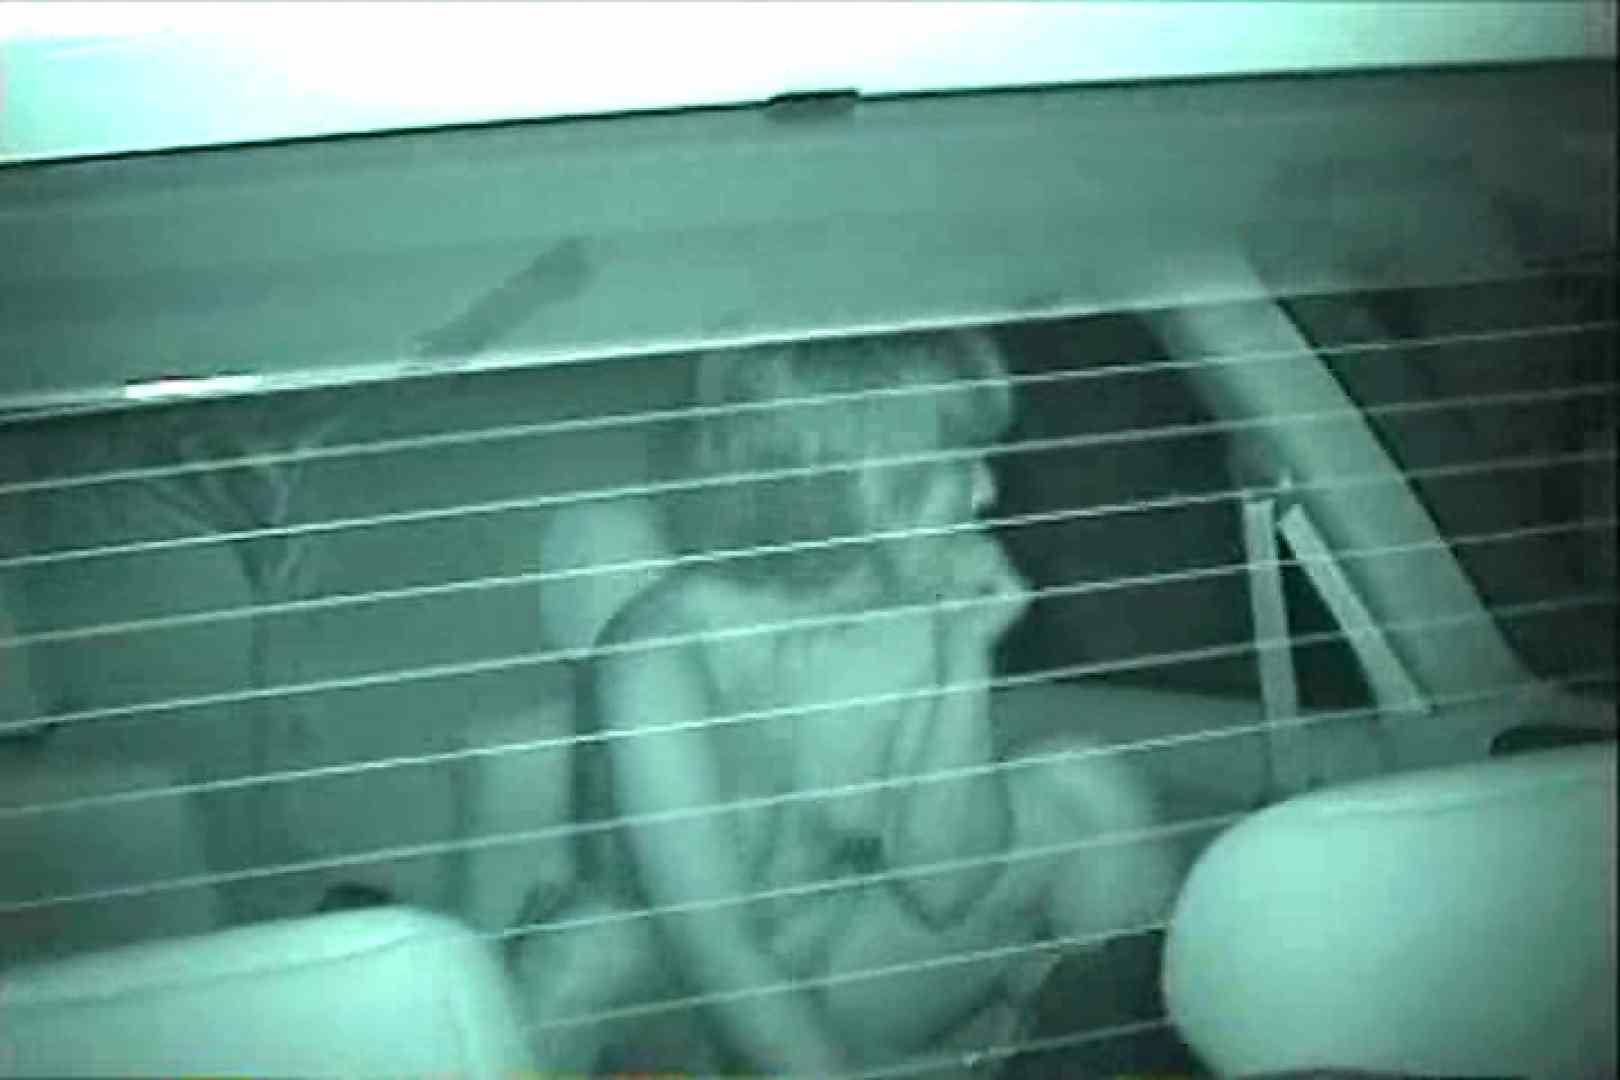 車の中はラブホテル 無修正版  Vol.28 車 おめこ無修正動画無料 79画像 27